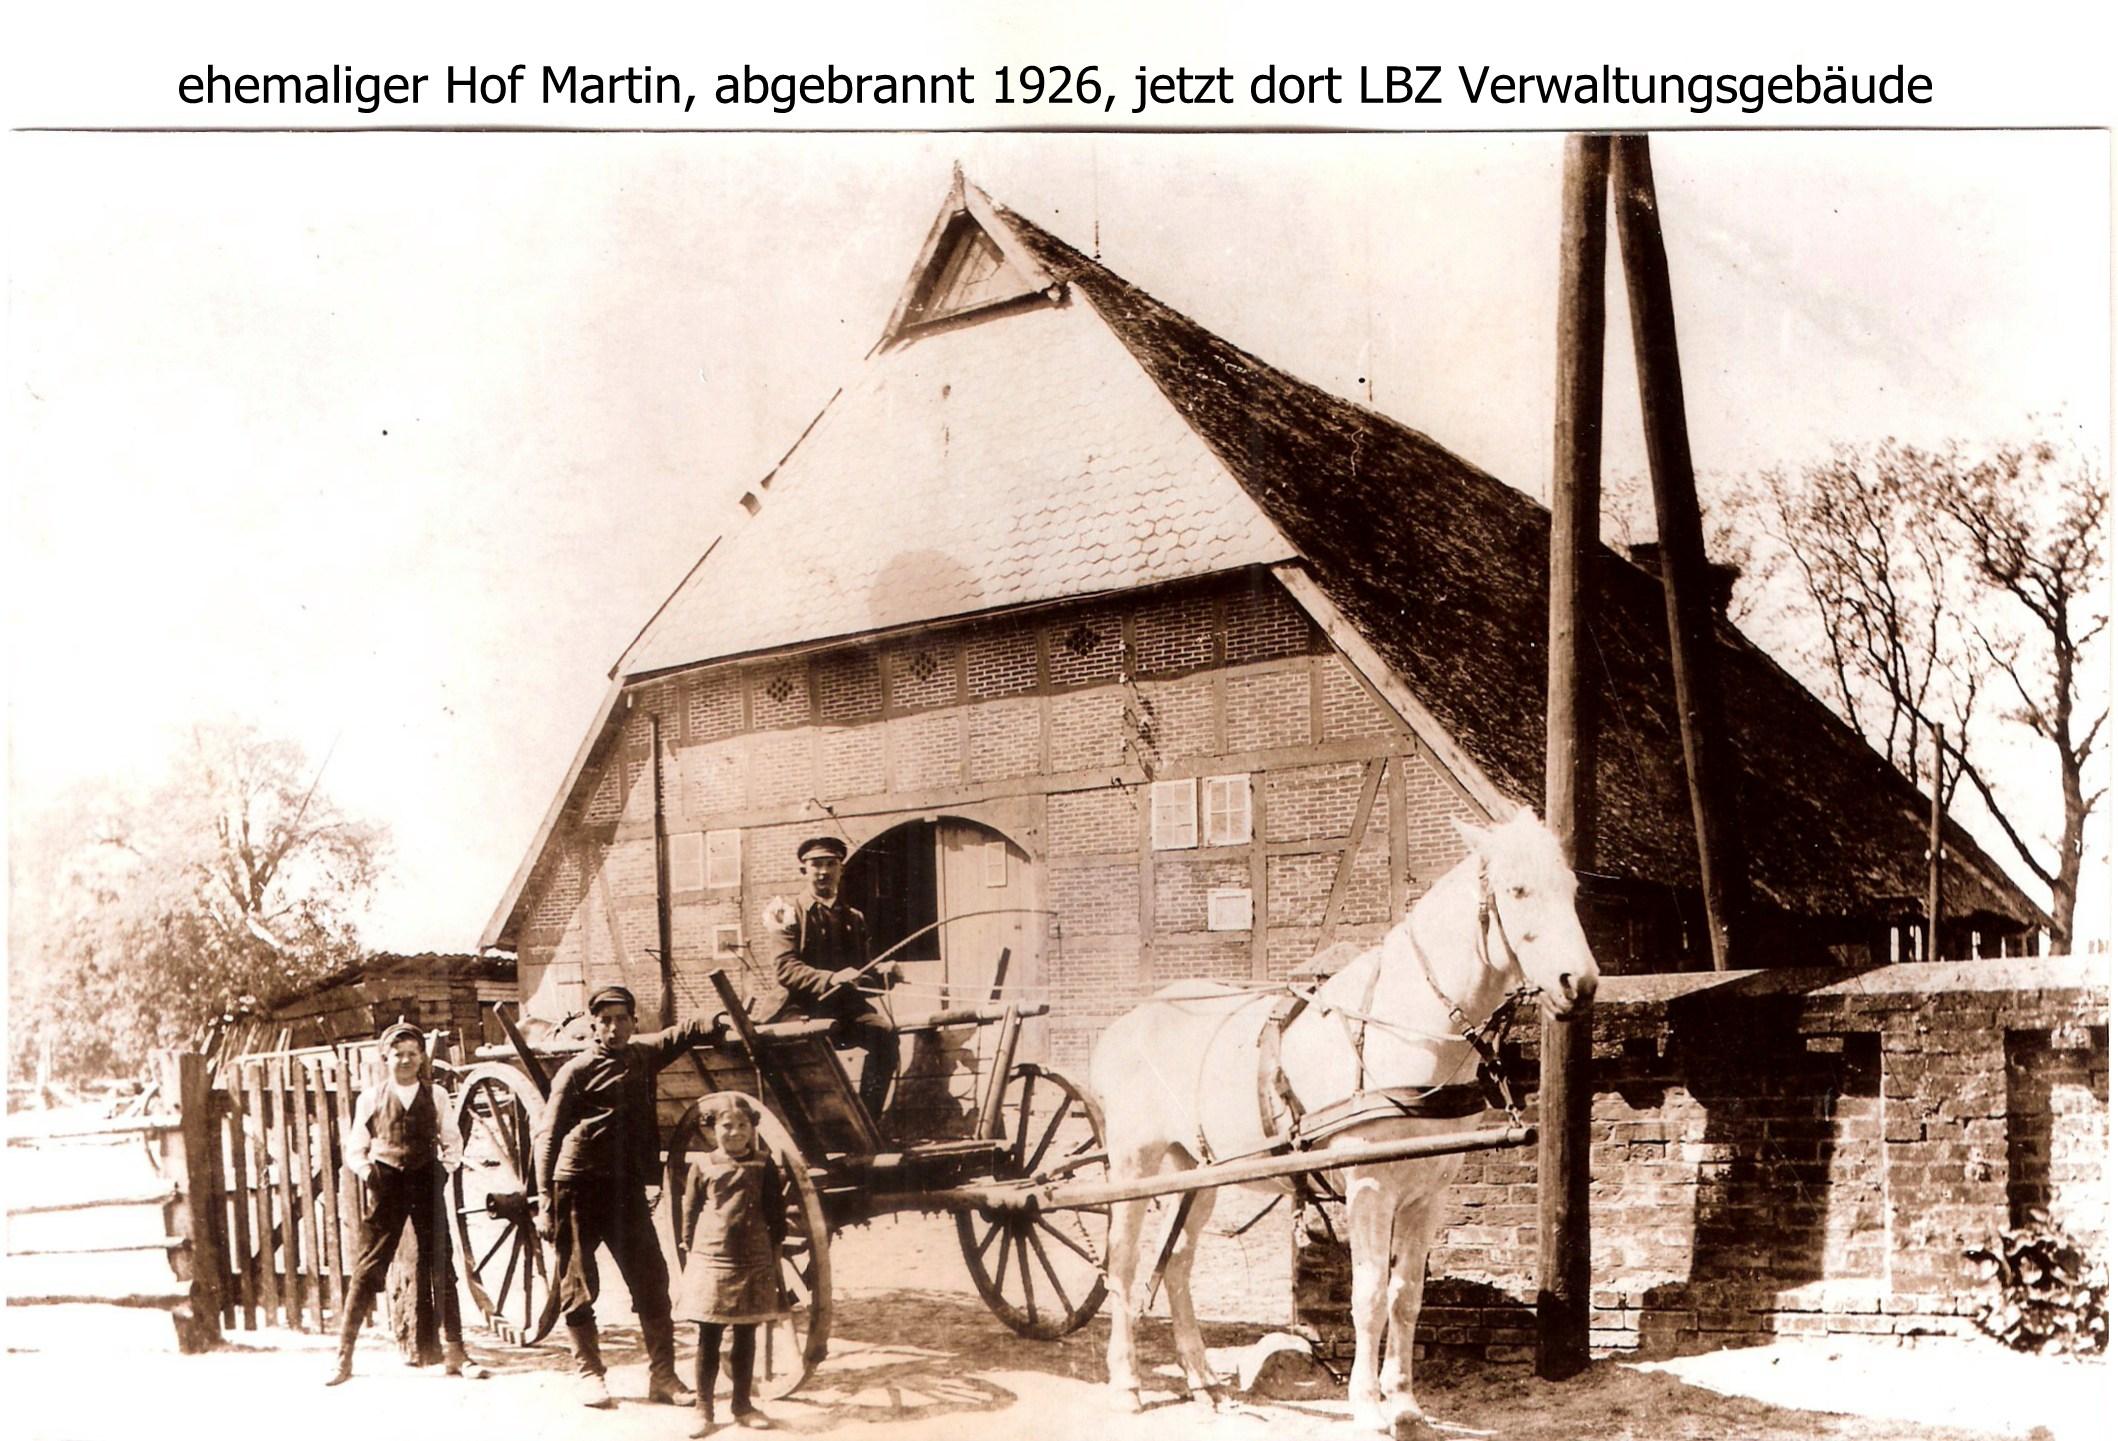 hof-martin-altes-haus